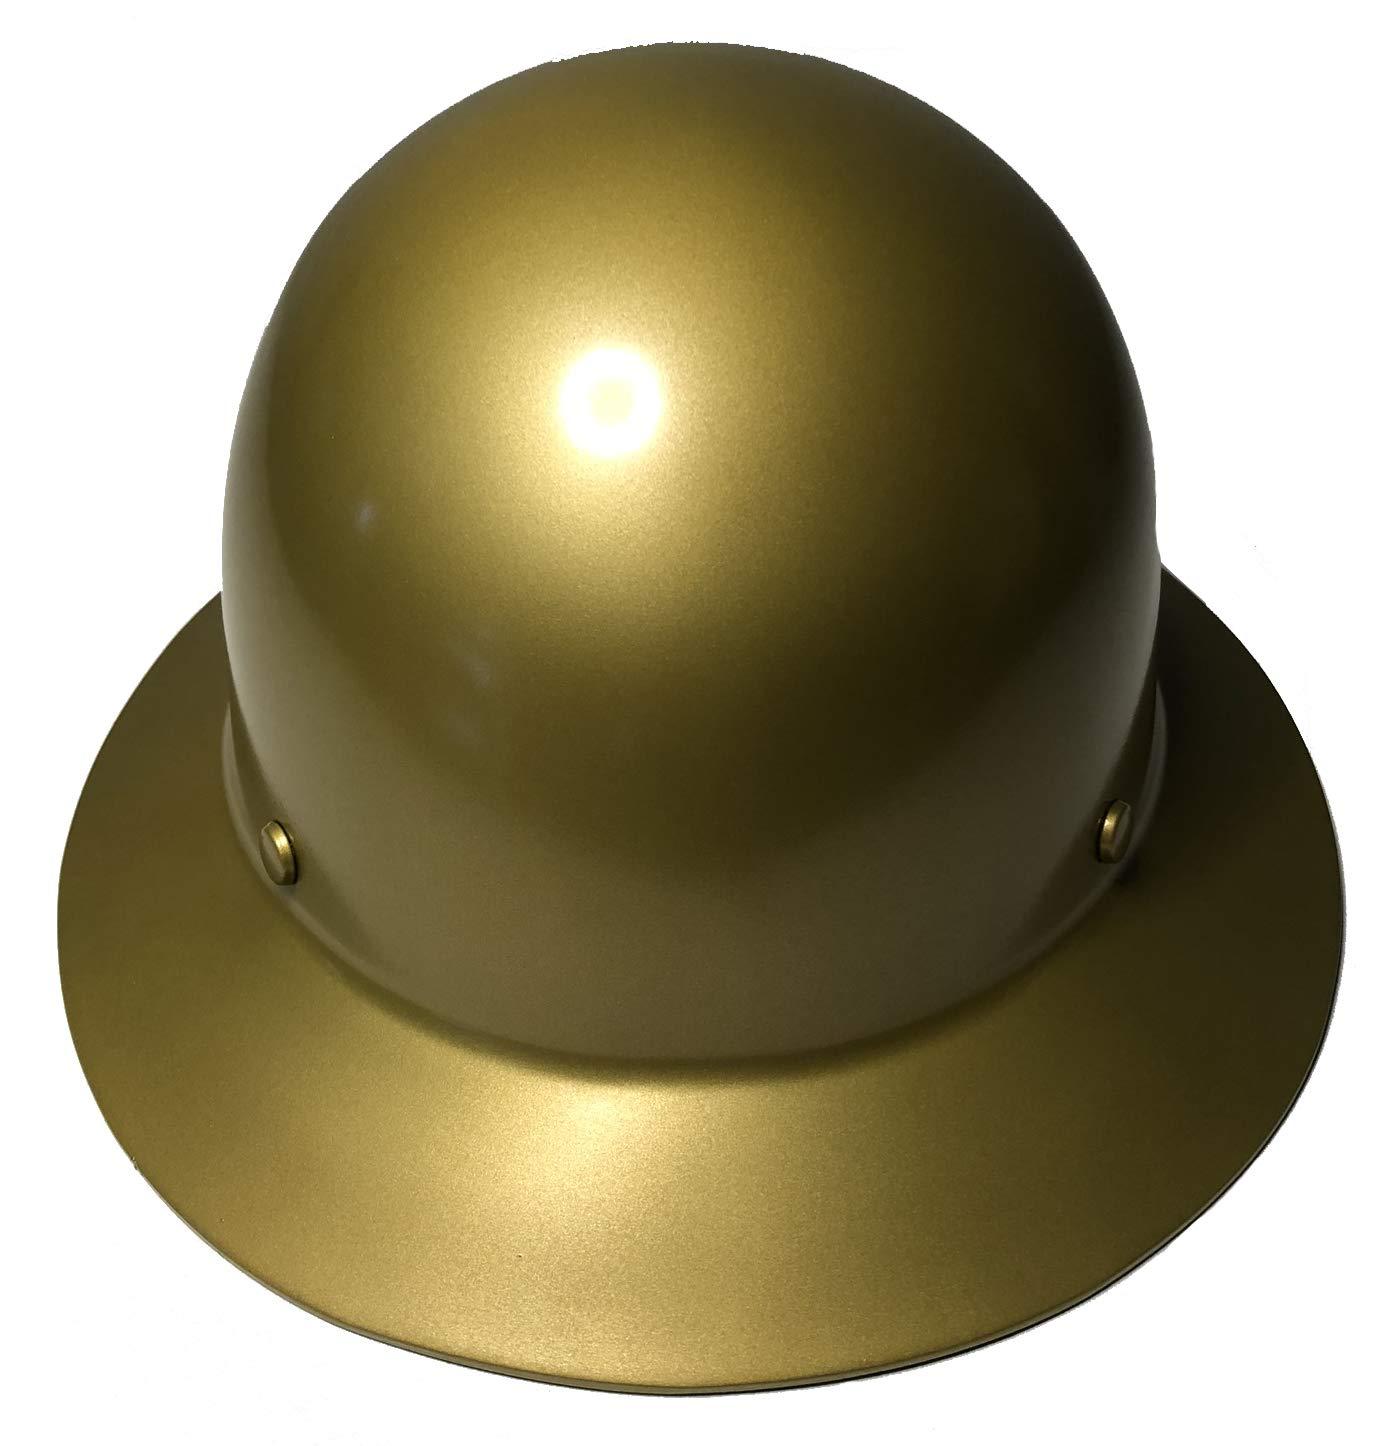 Hard Hat MSA Skullgard Full Brim Custom Gold Metallic Satin by Bag R Buck (Image #5)